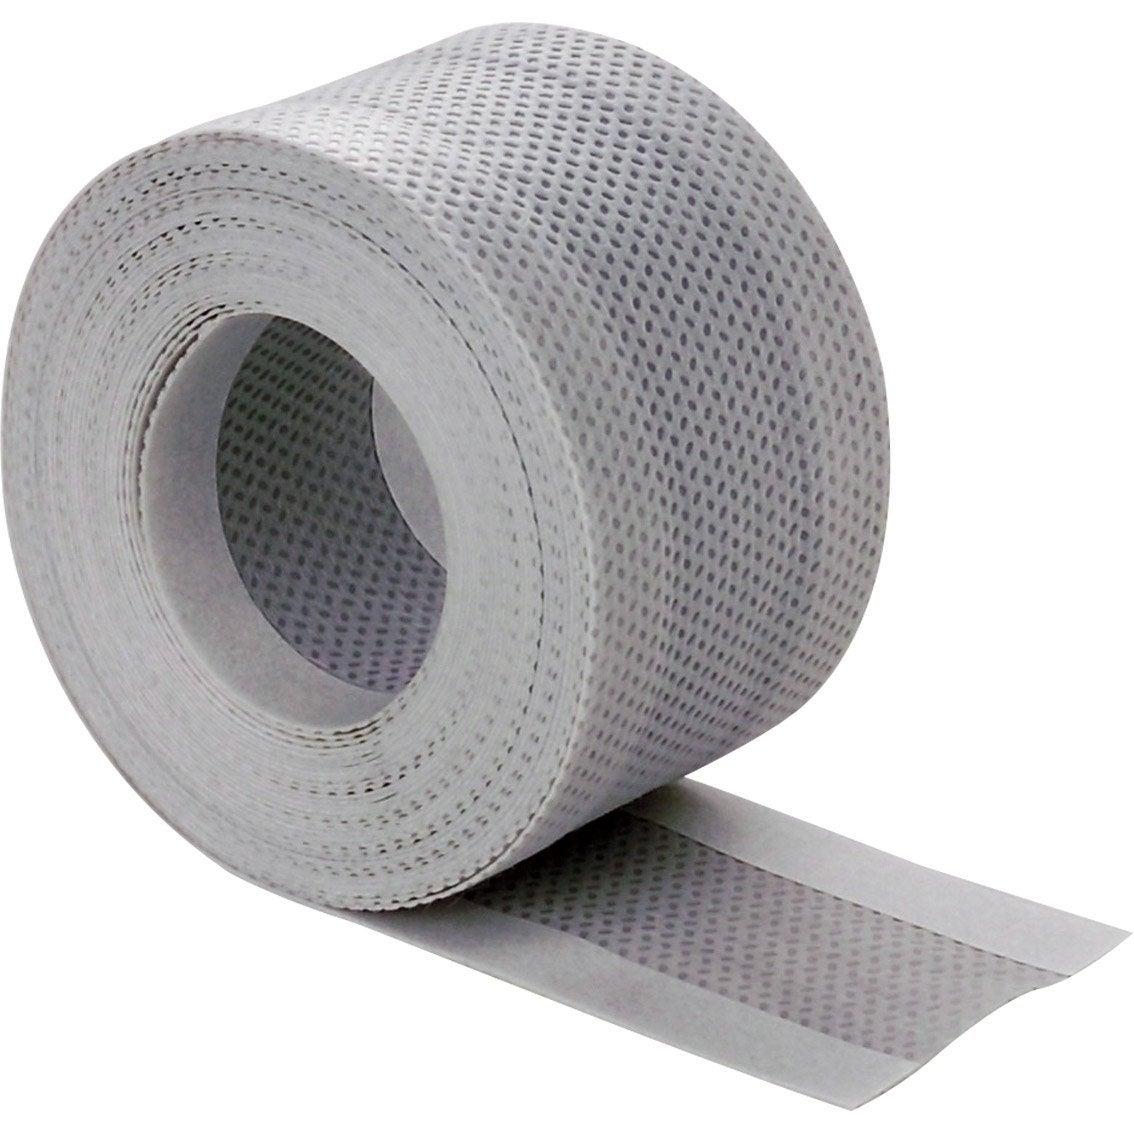 Ruban Adhesif Perfore Pour Plaque Ep 16 Mm Aluminium L 5 M Leroy